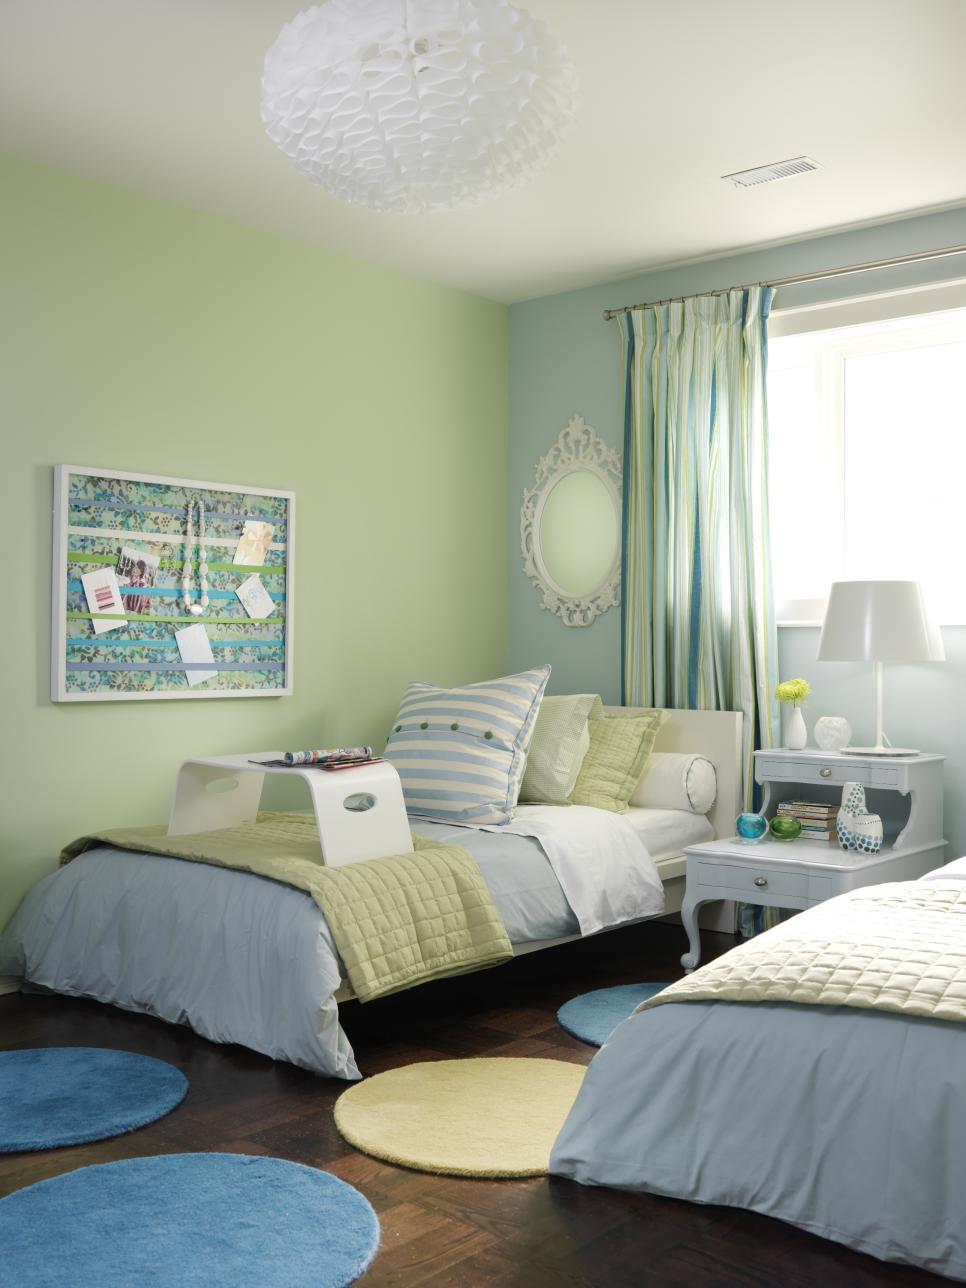 dormitorio dos camas verde azul claro ideas